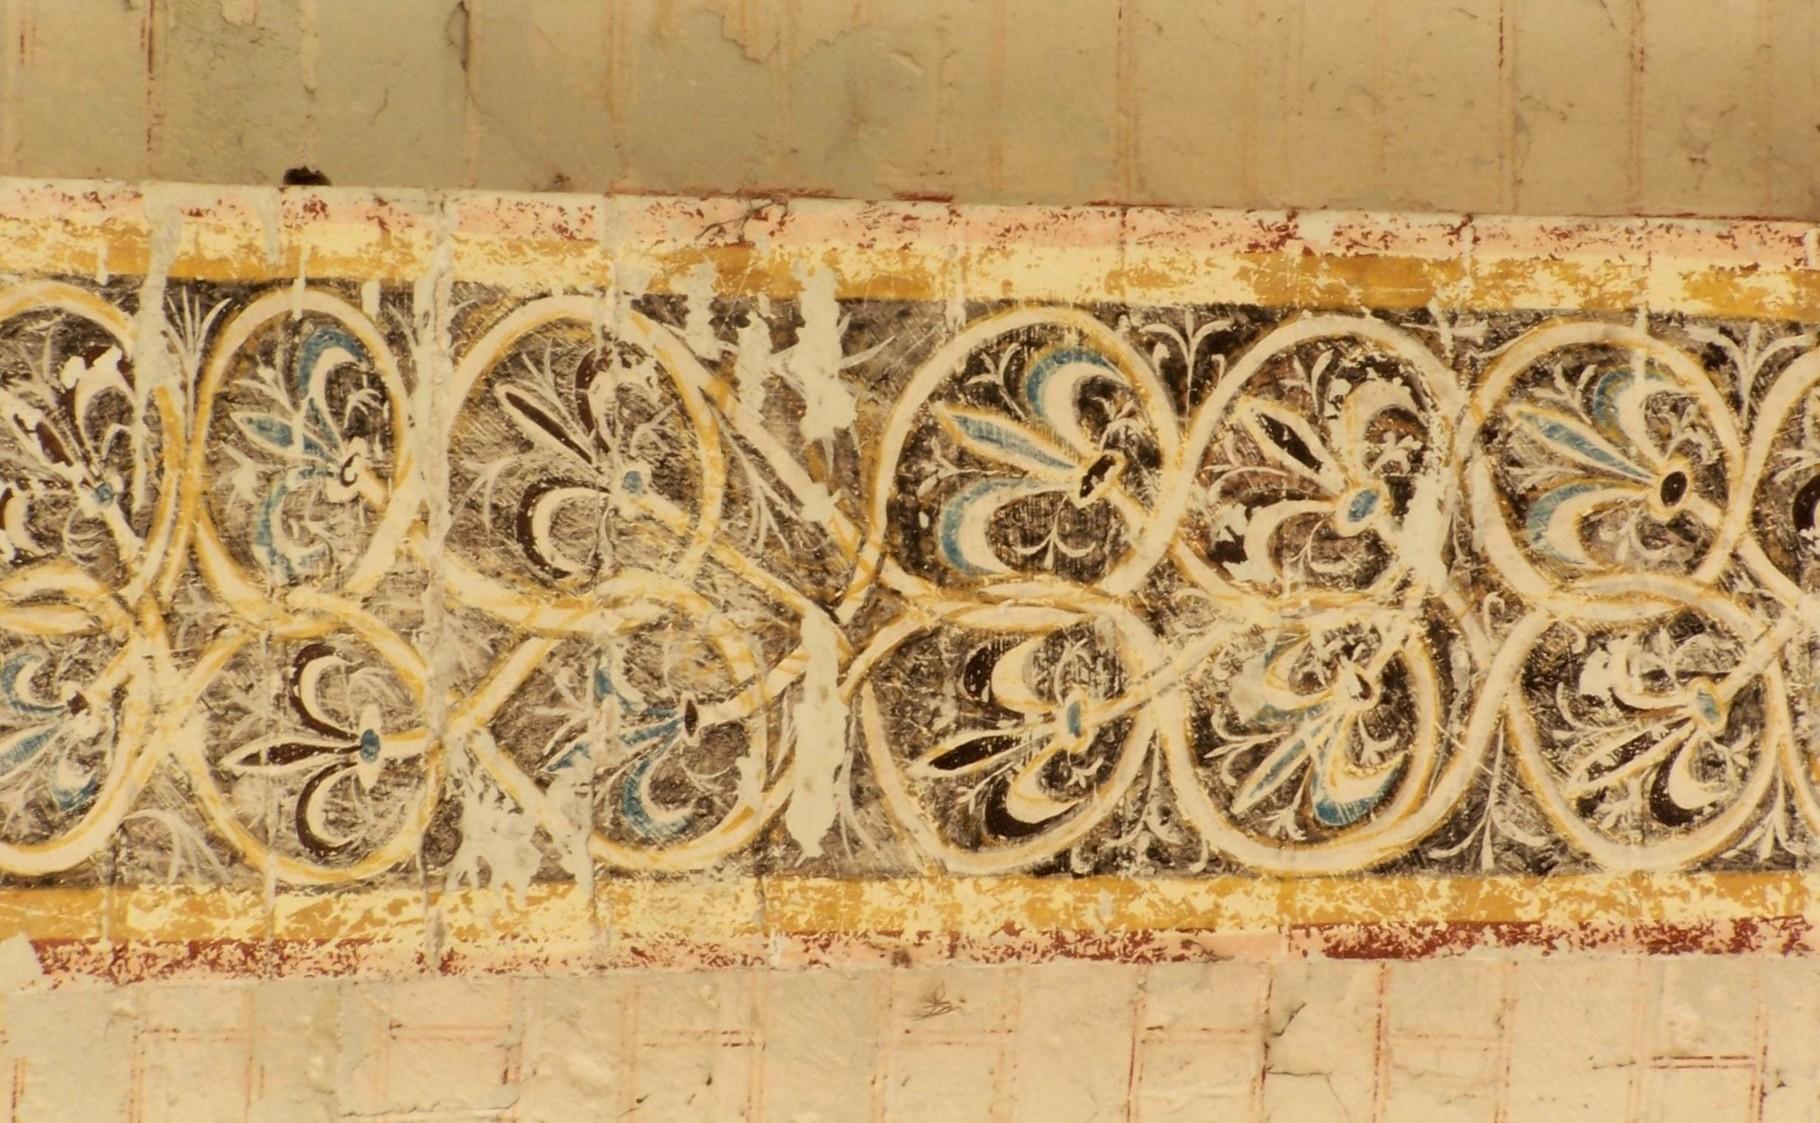 troisième arc doubleau - fleurs de lys